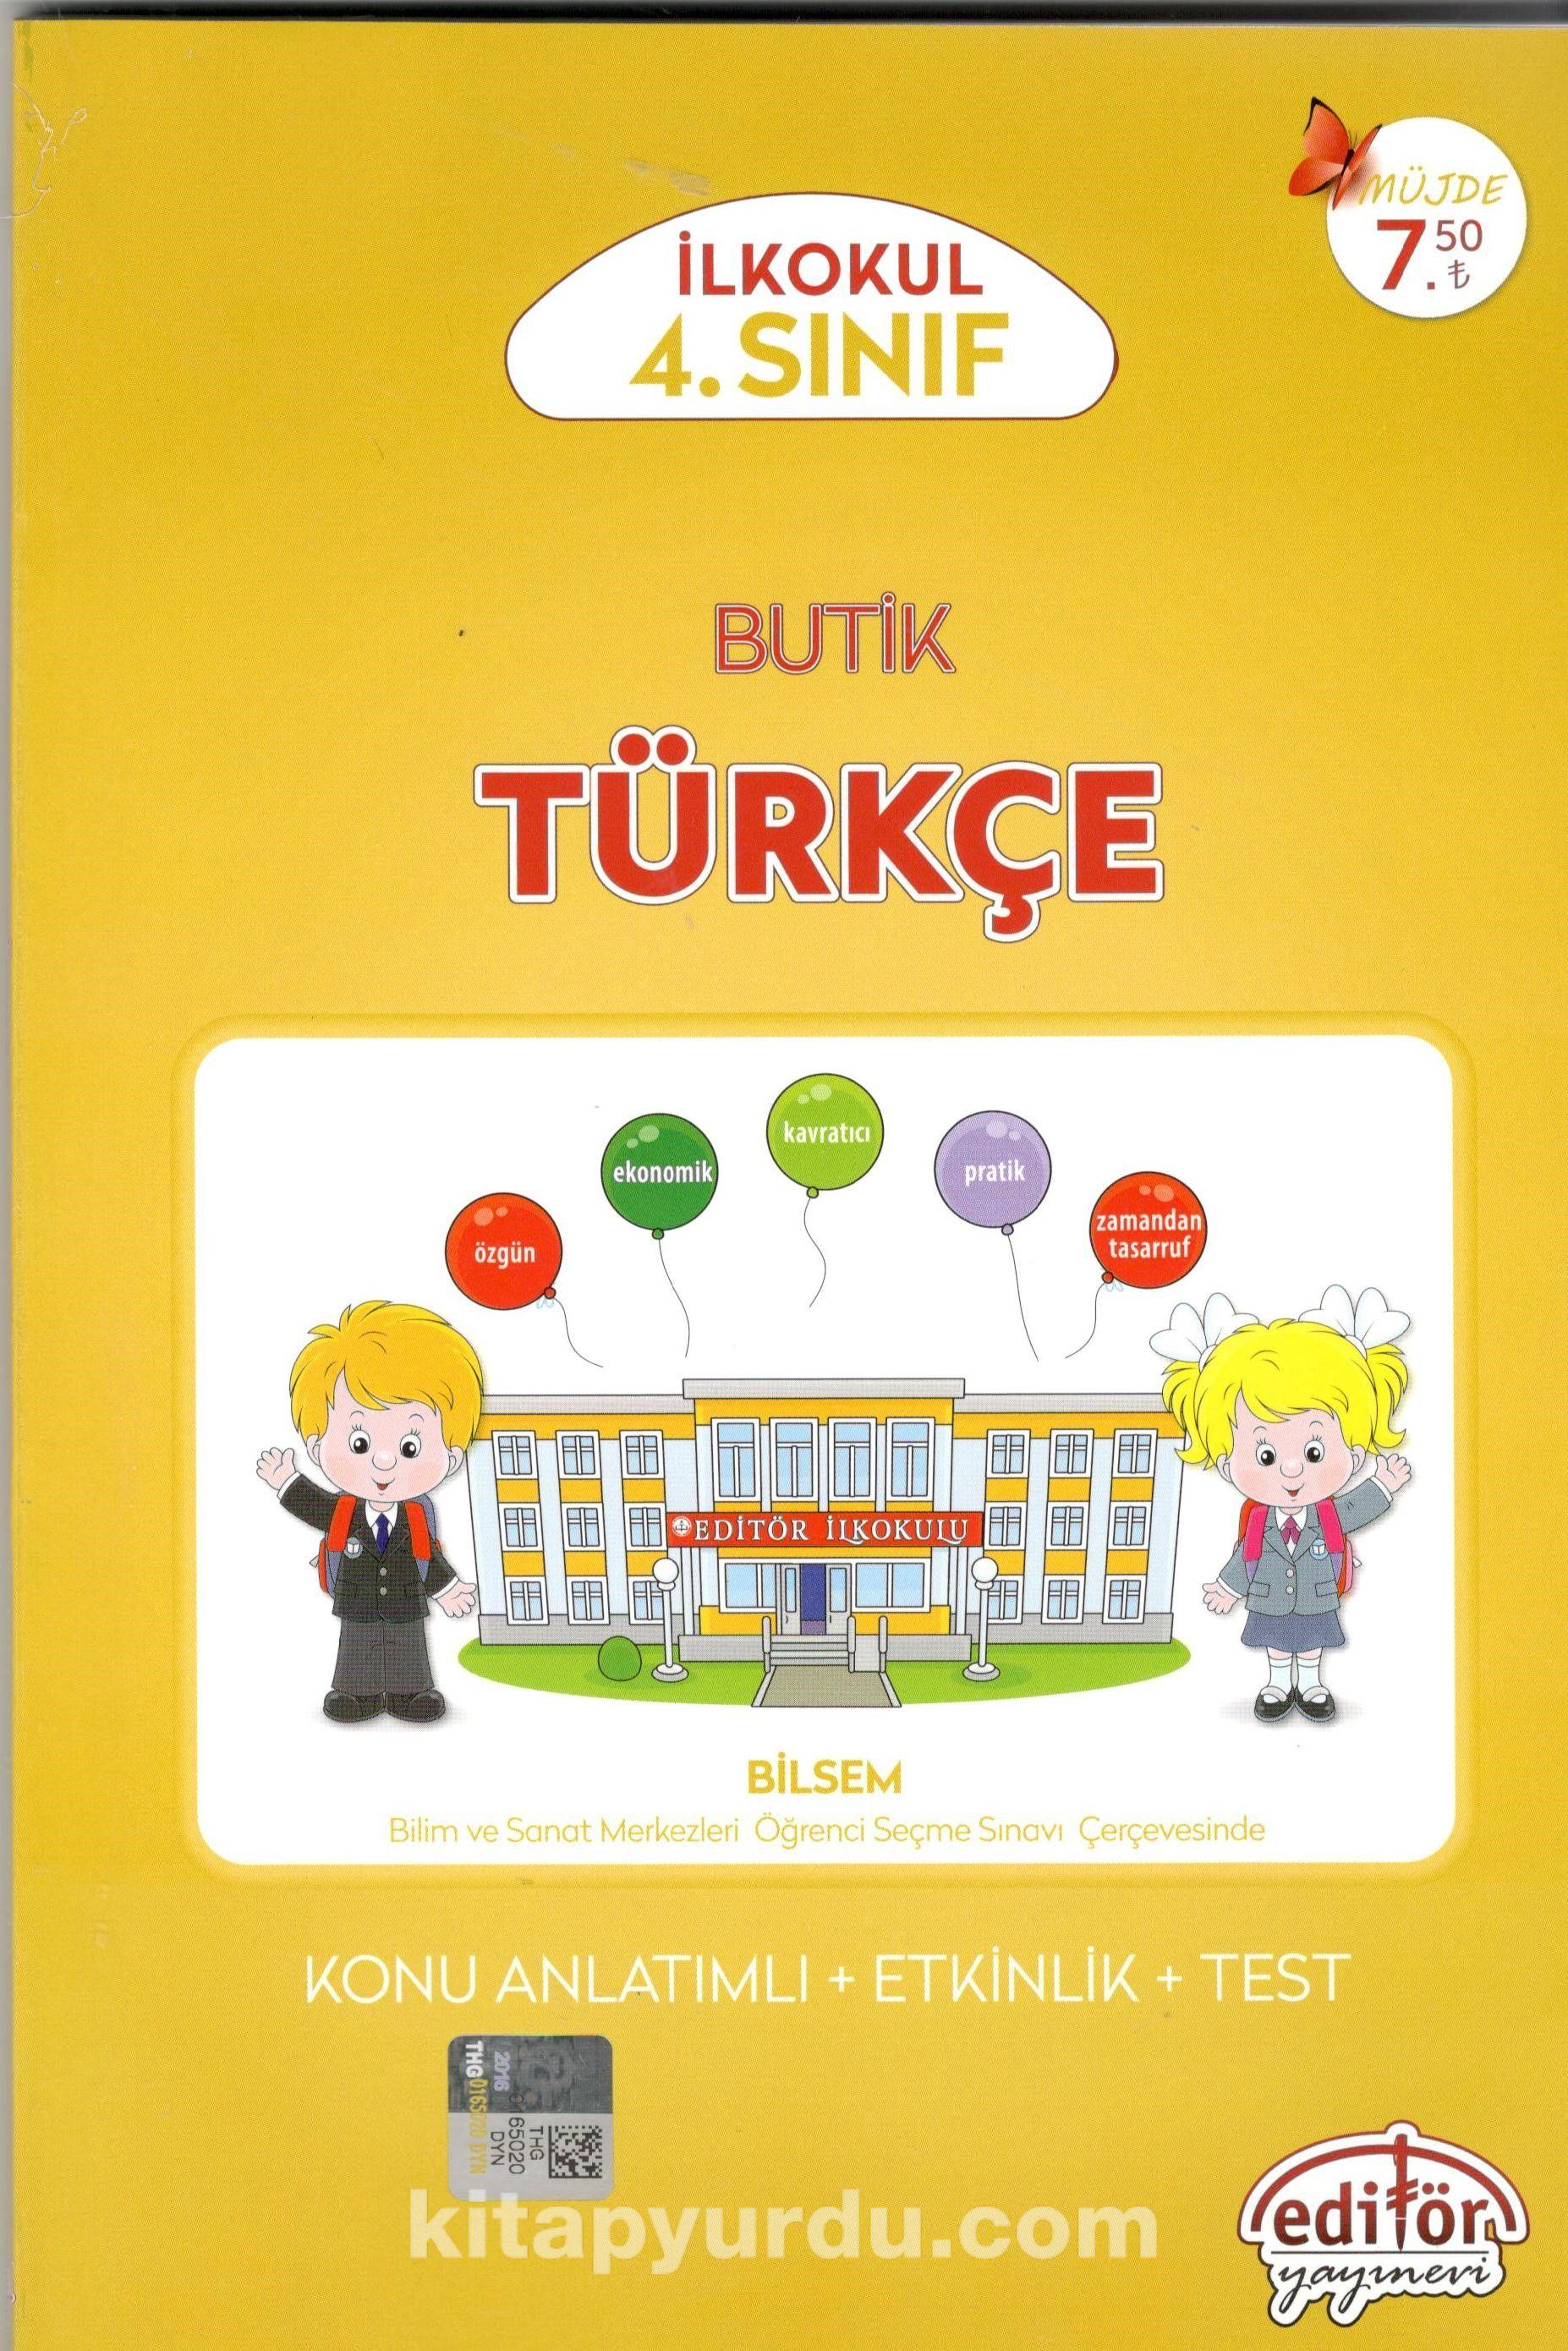 4. Sınıf Butik Türkçe Konu Anlatımlı